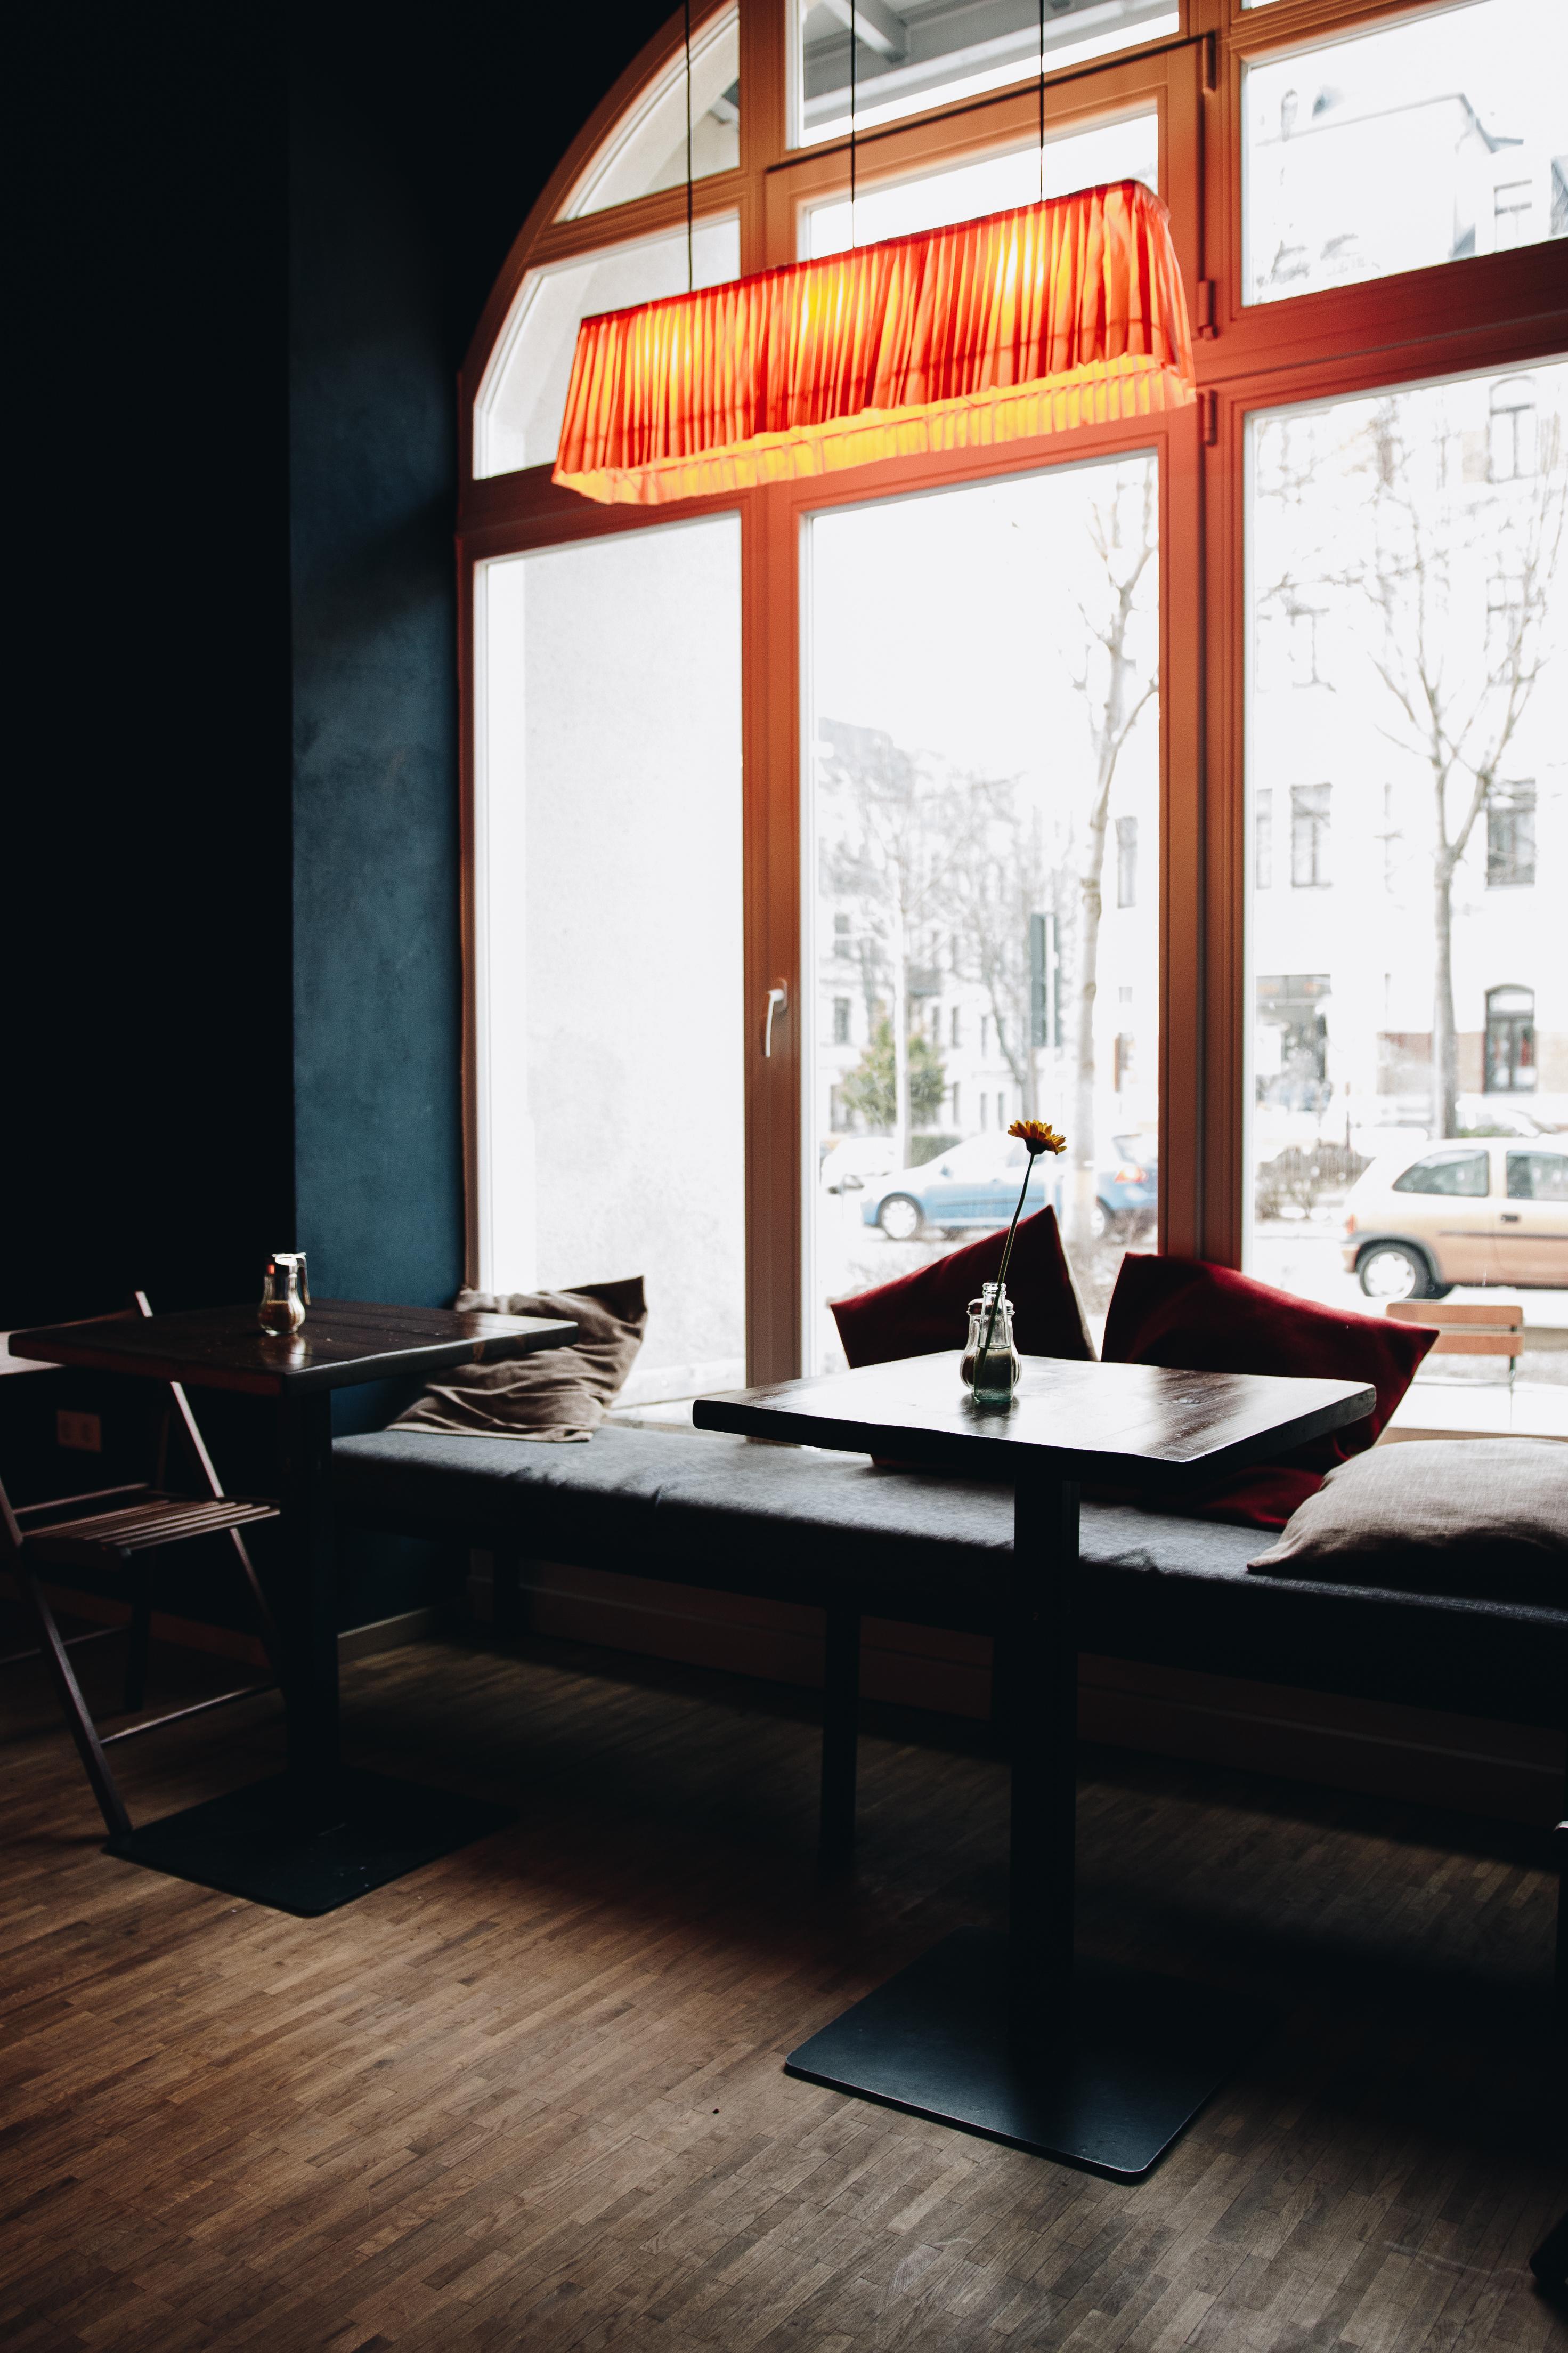 emmas onkel-chemnitz-café-kuchen-annabelle sagt1